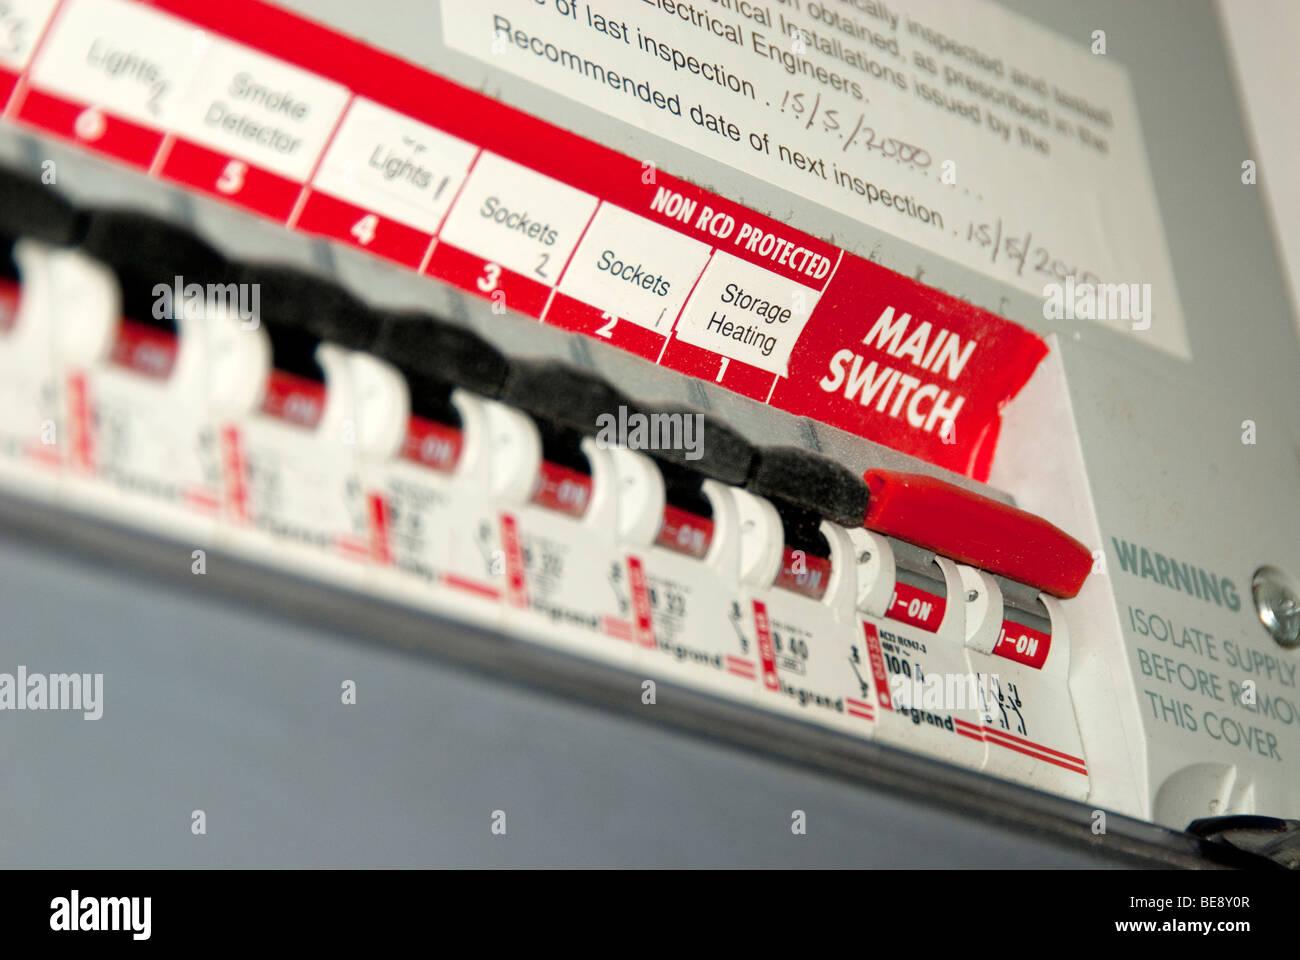 mains switch box - Stock Image